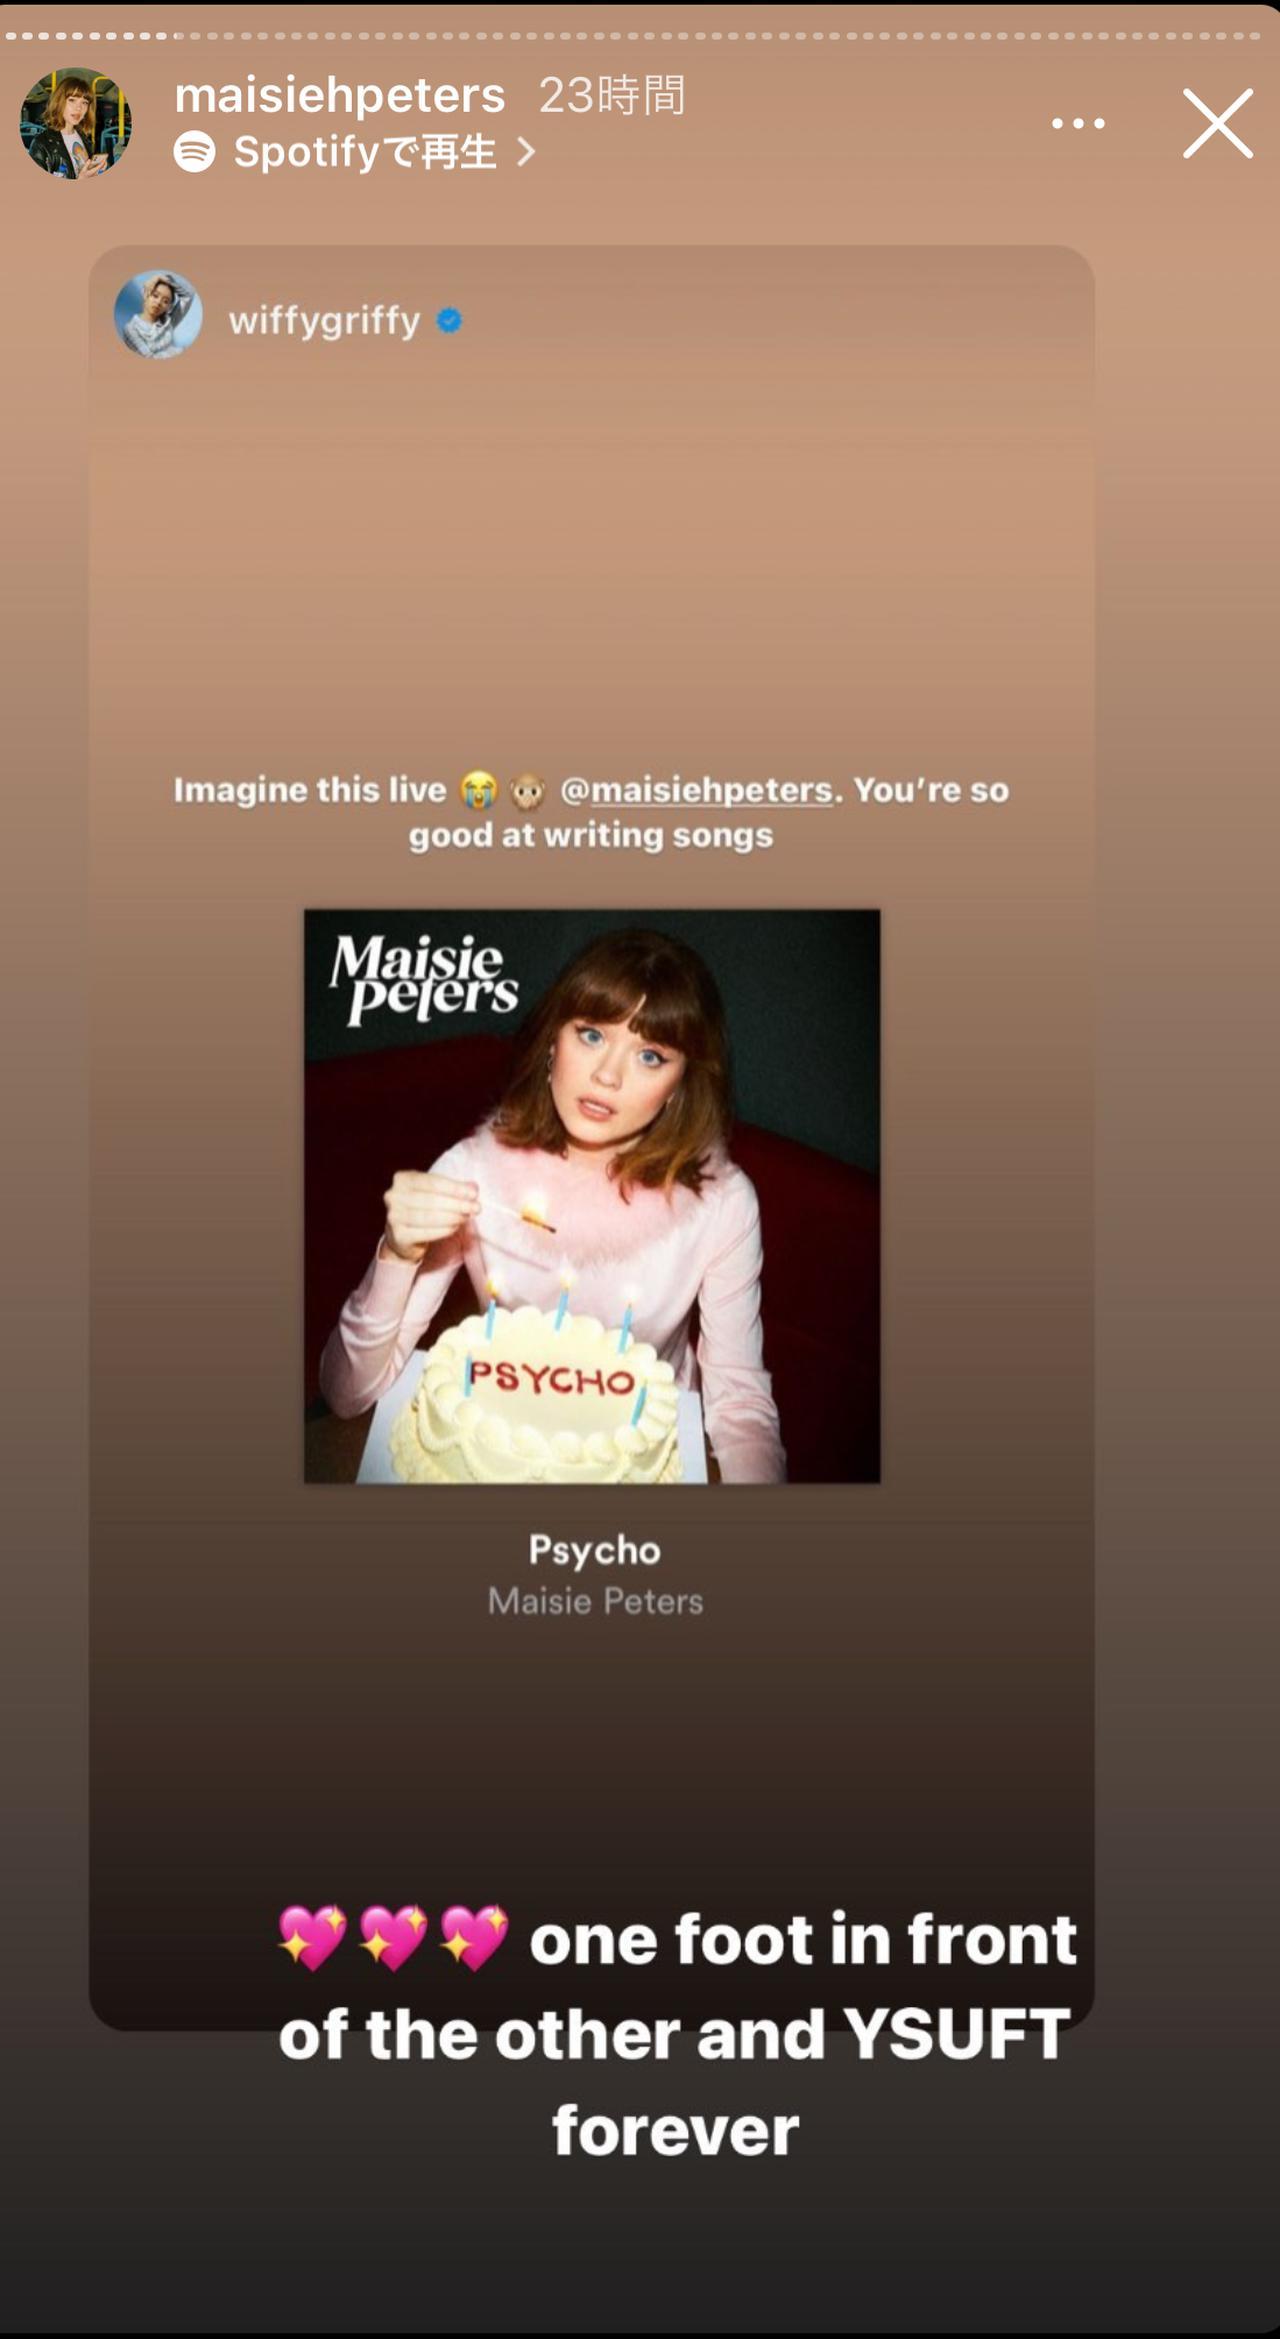 画像: エド・シーランが新曲「Psycho」をリリースしたメイジー・ピーターズを祝福